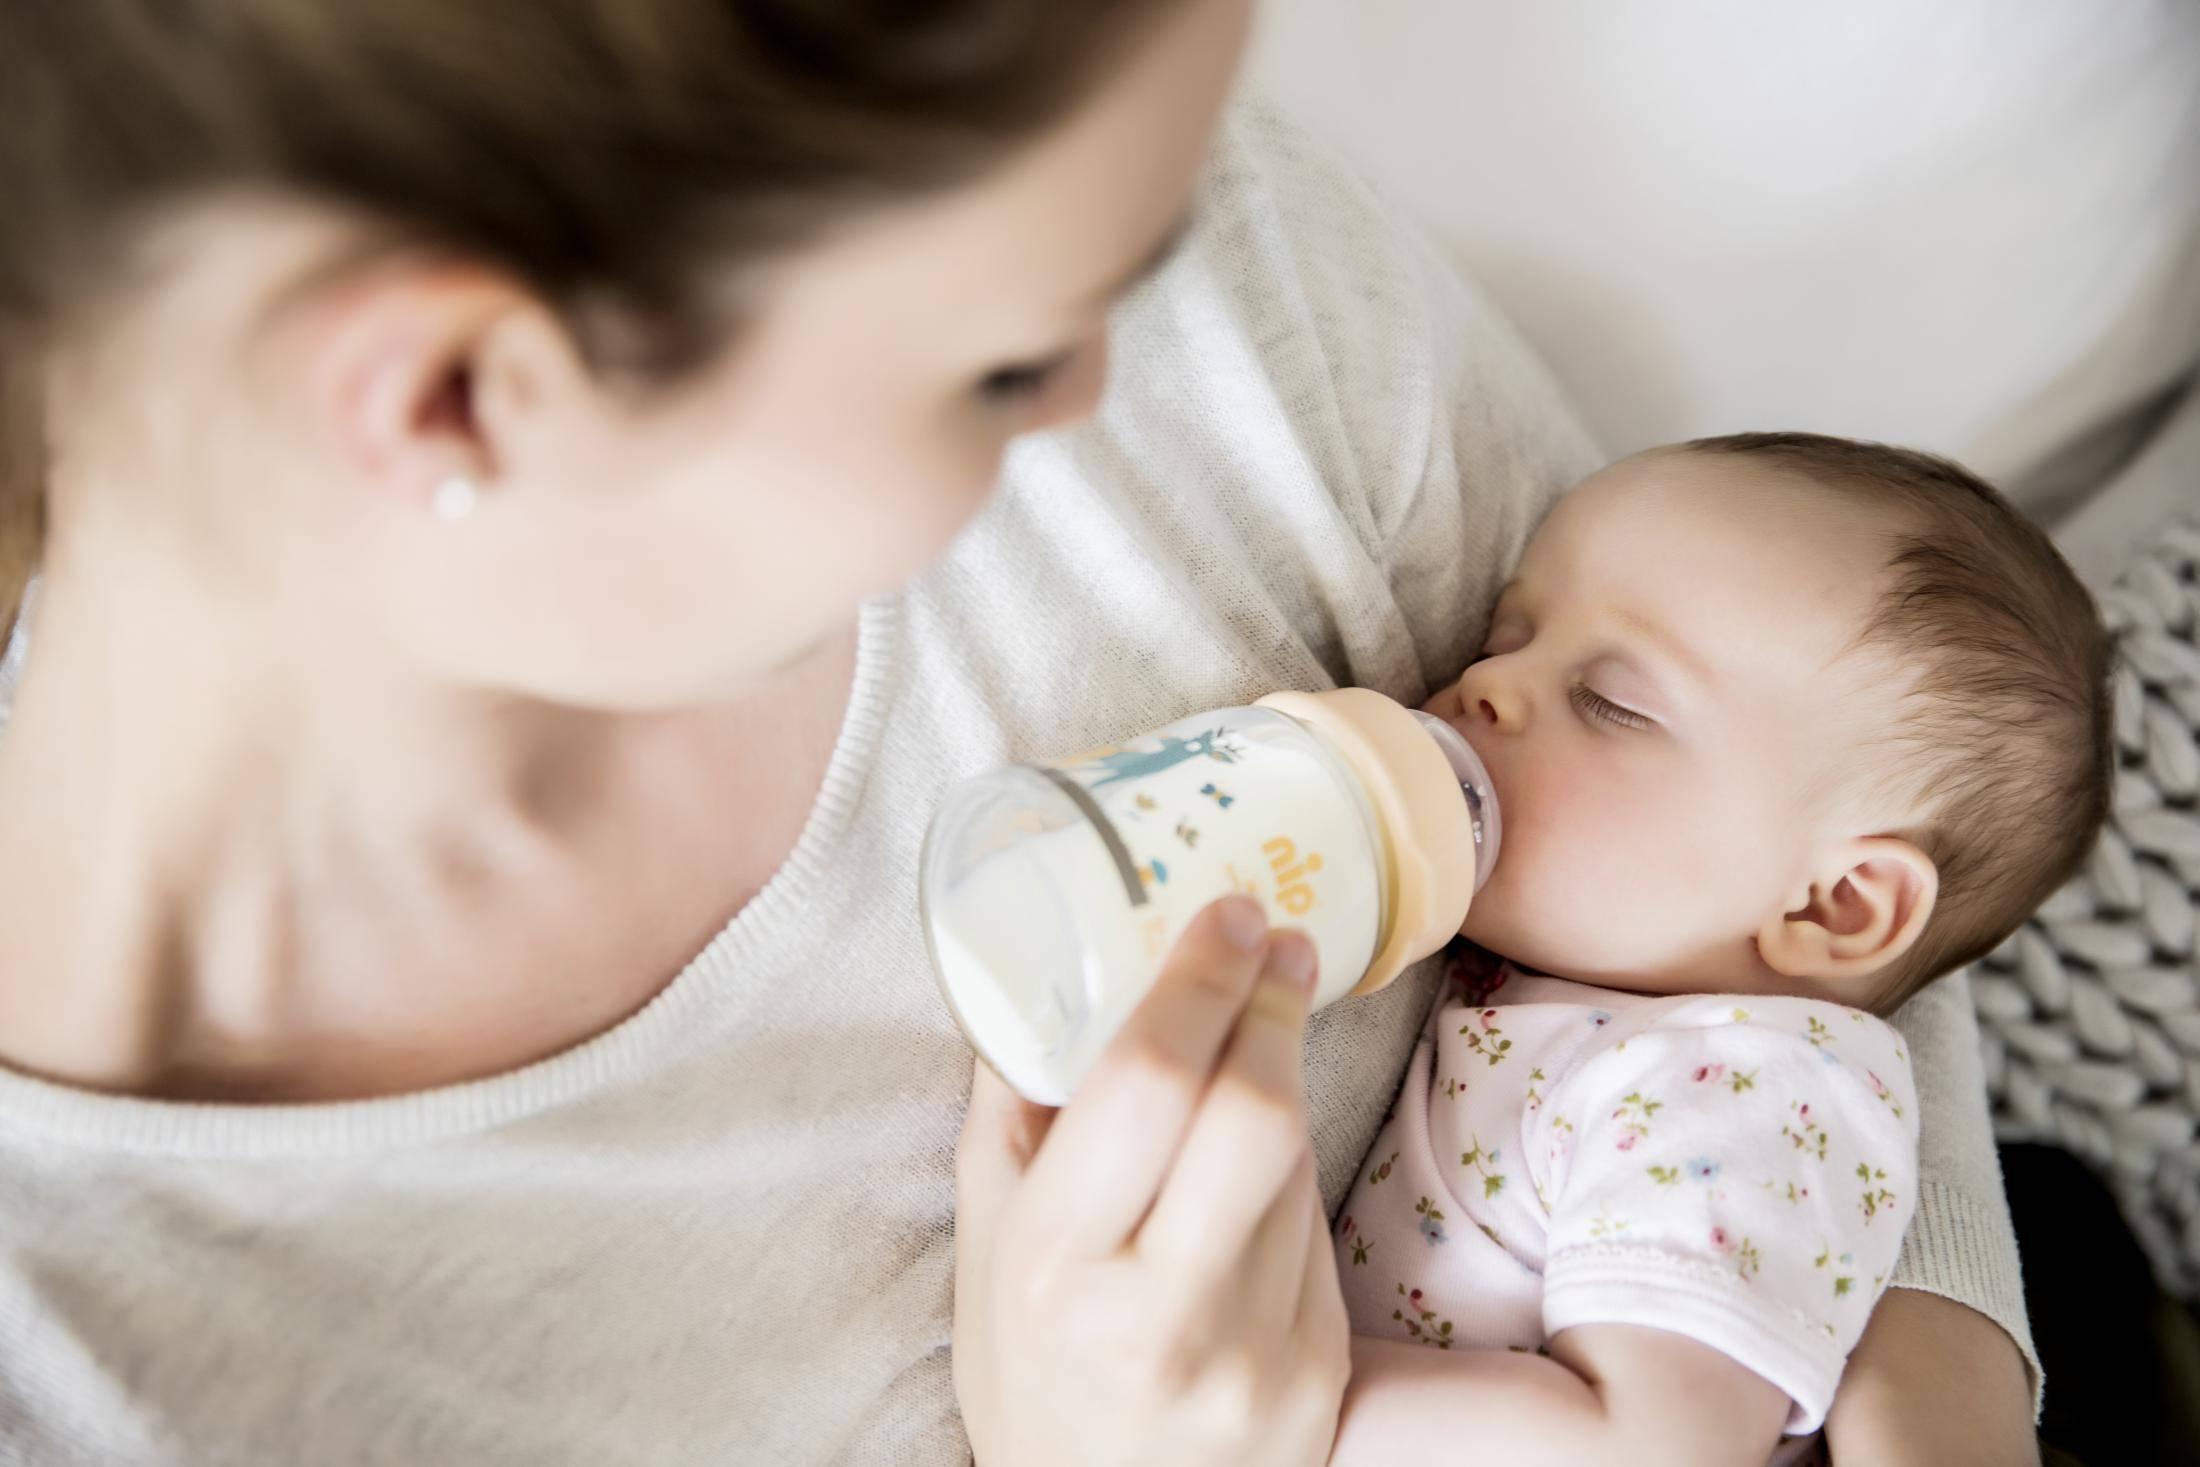 夏季宝宝辅食调整,妈妈请注意这几点!